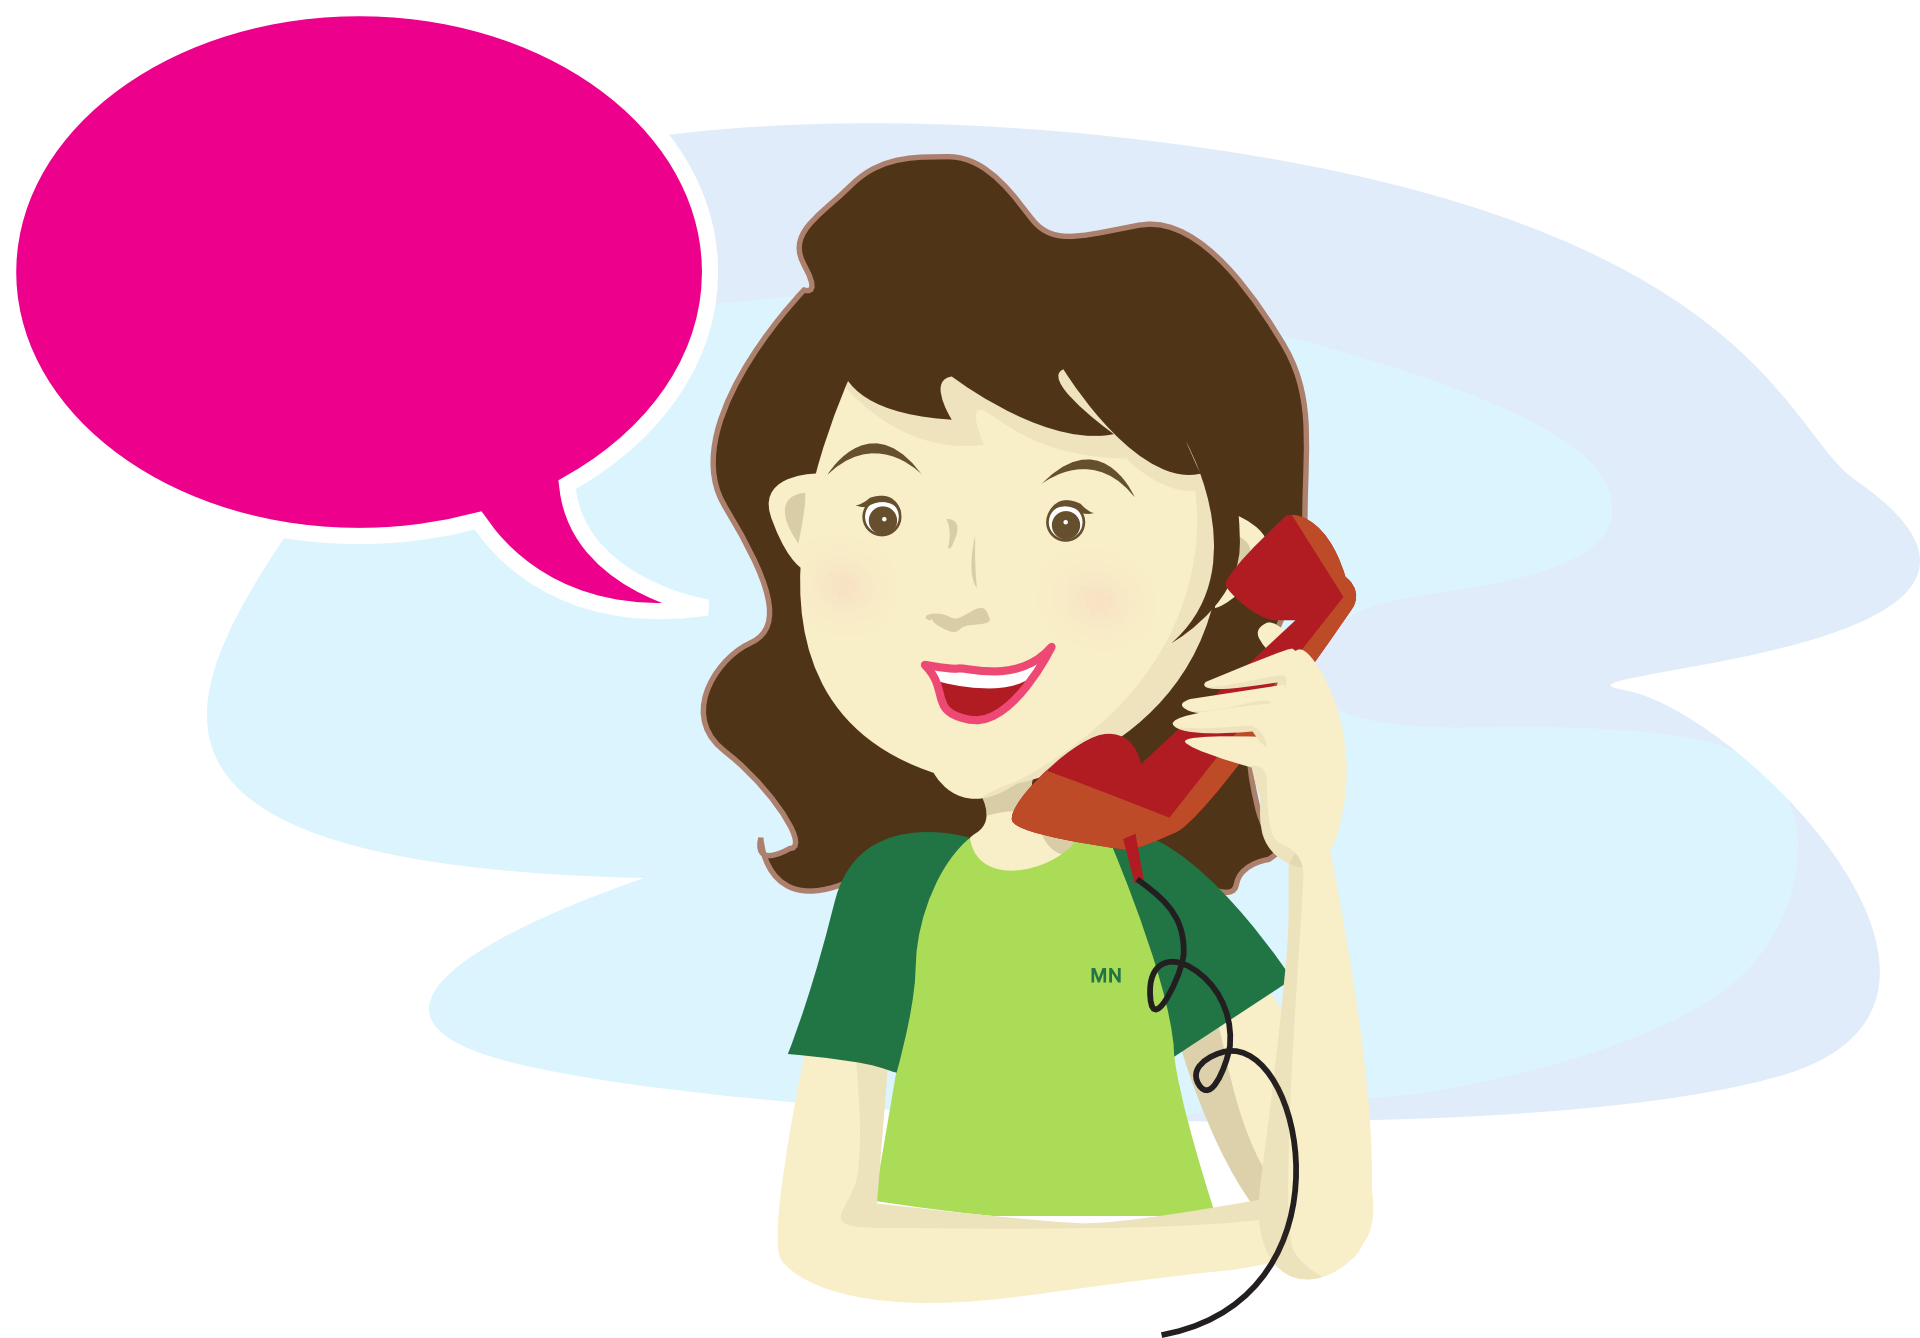 Rysunek usmiechniętej kobiety, która rozmawia przez telefon